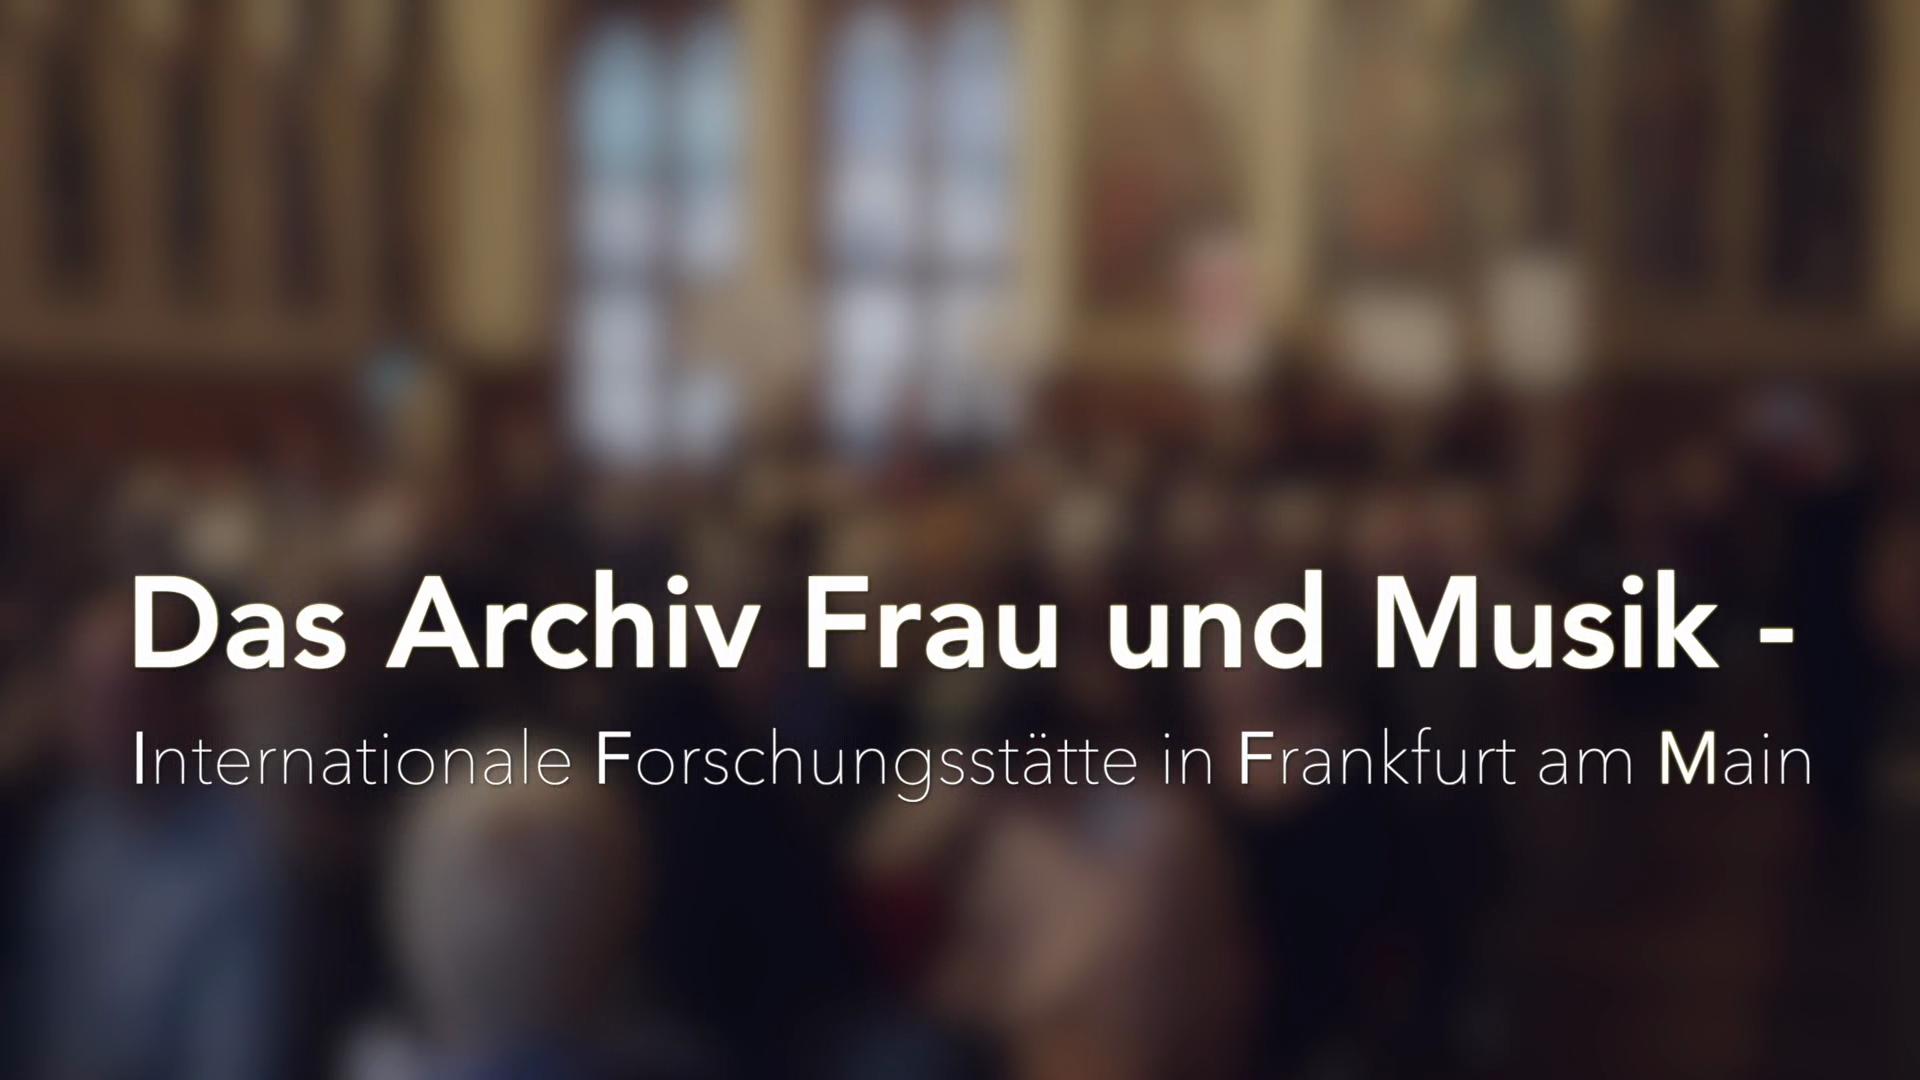 Archiv Frau und Musik - Internationale Forschungsstätte in Frankfurt am Main